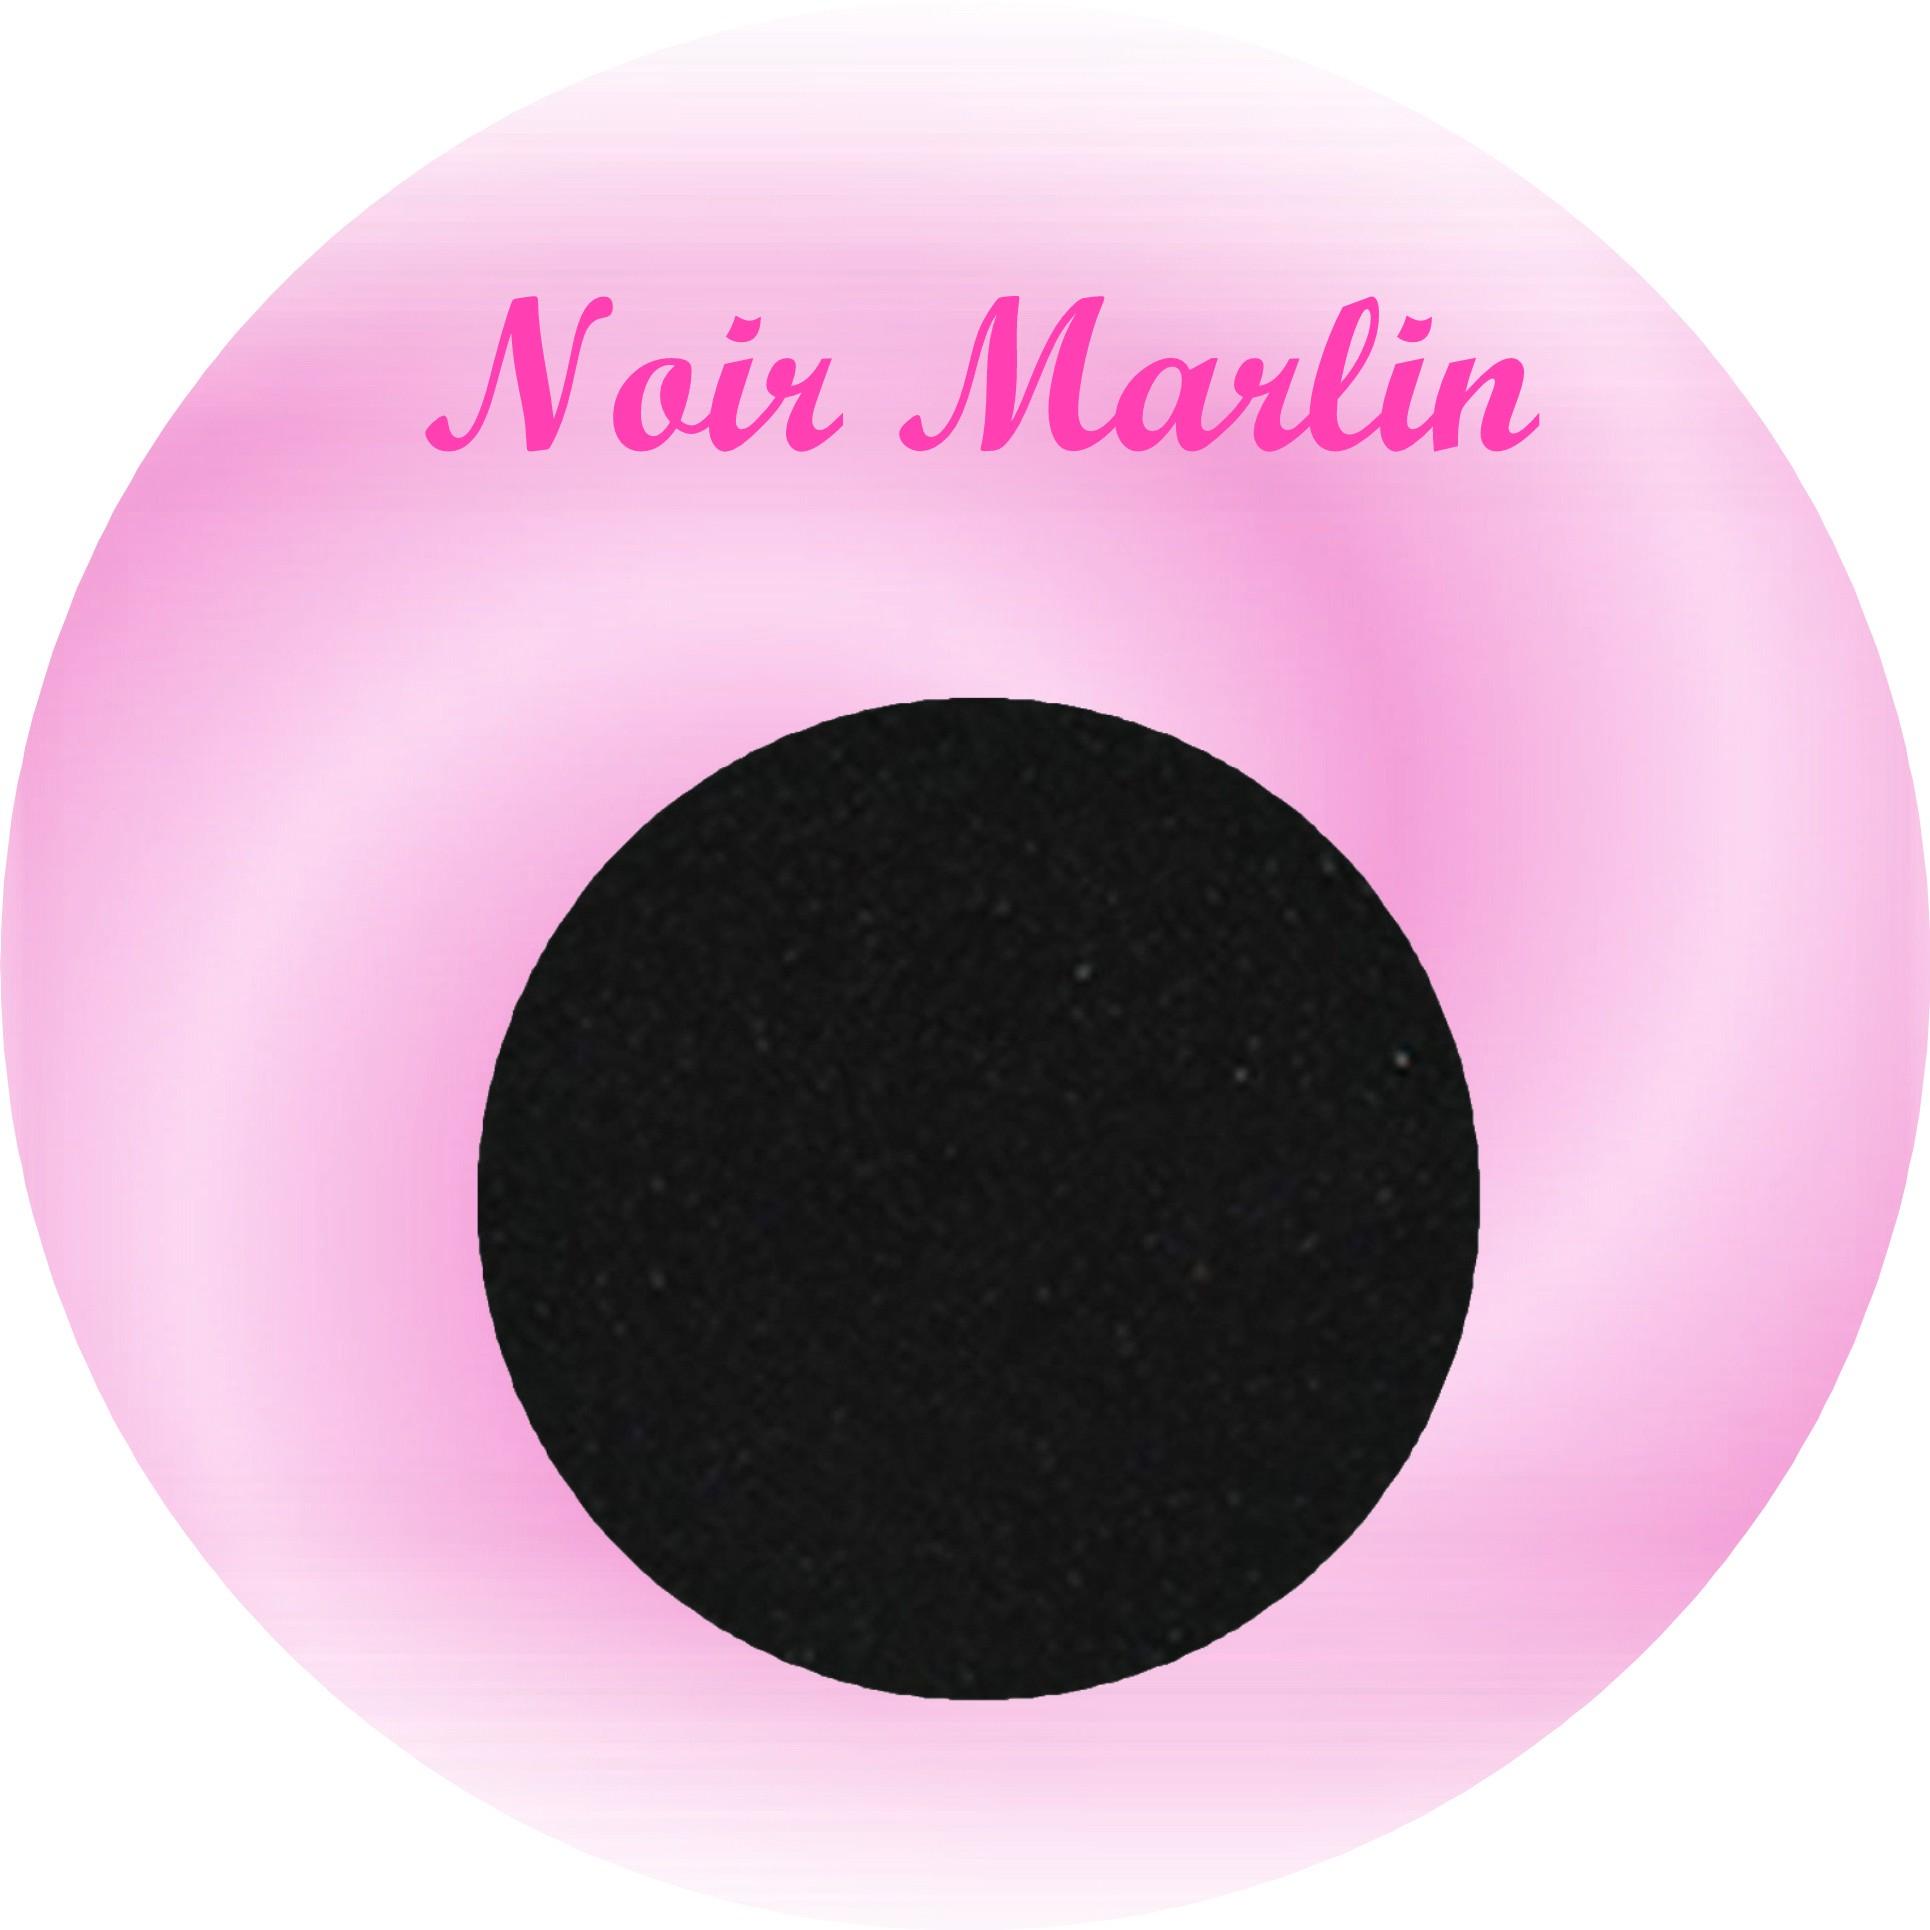 Granit Noir Marlin  Plaque funéraire - granit noir marlin pour plaques funéraires